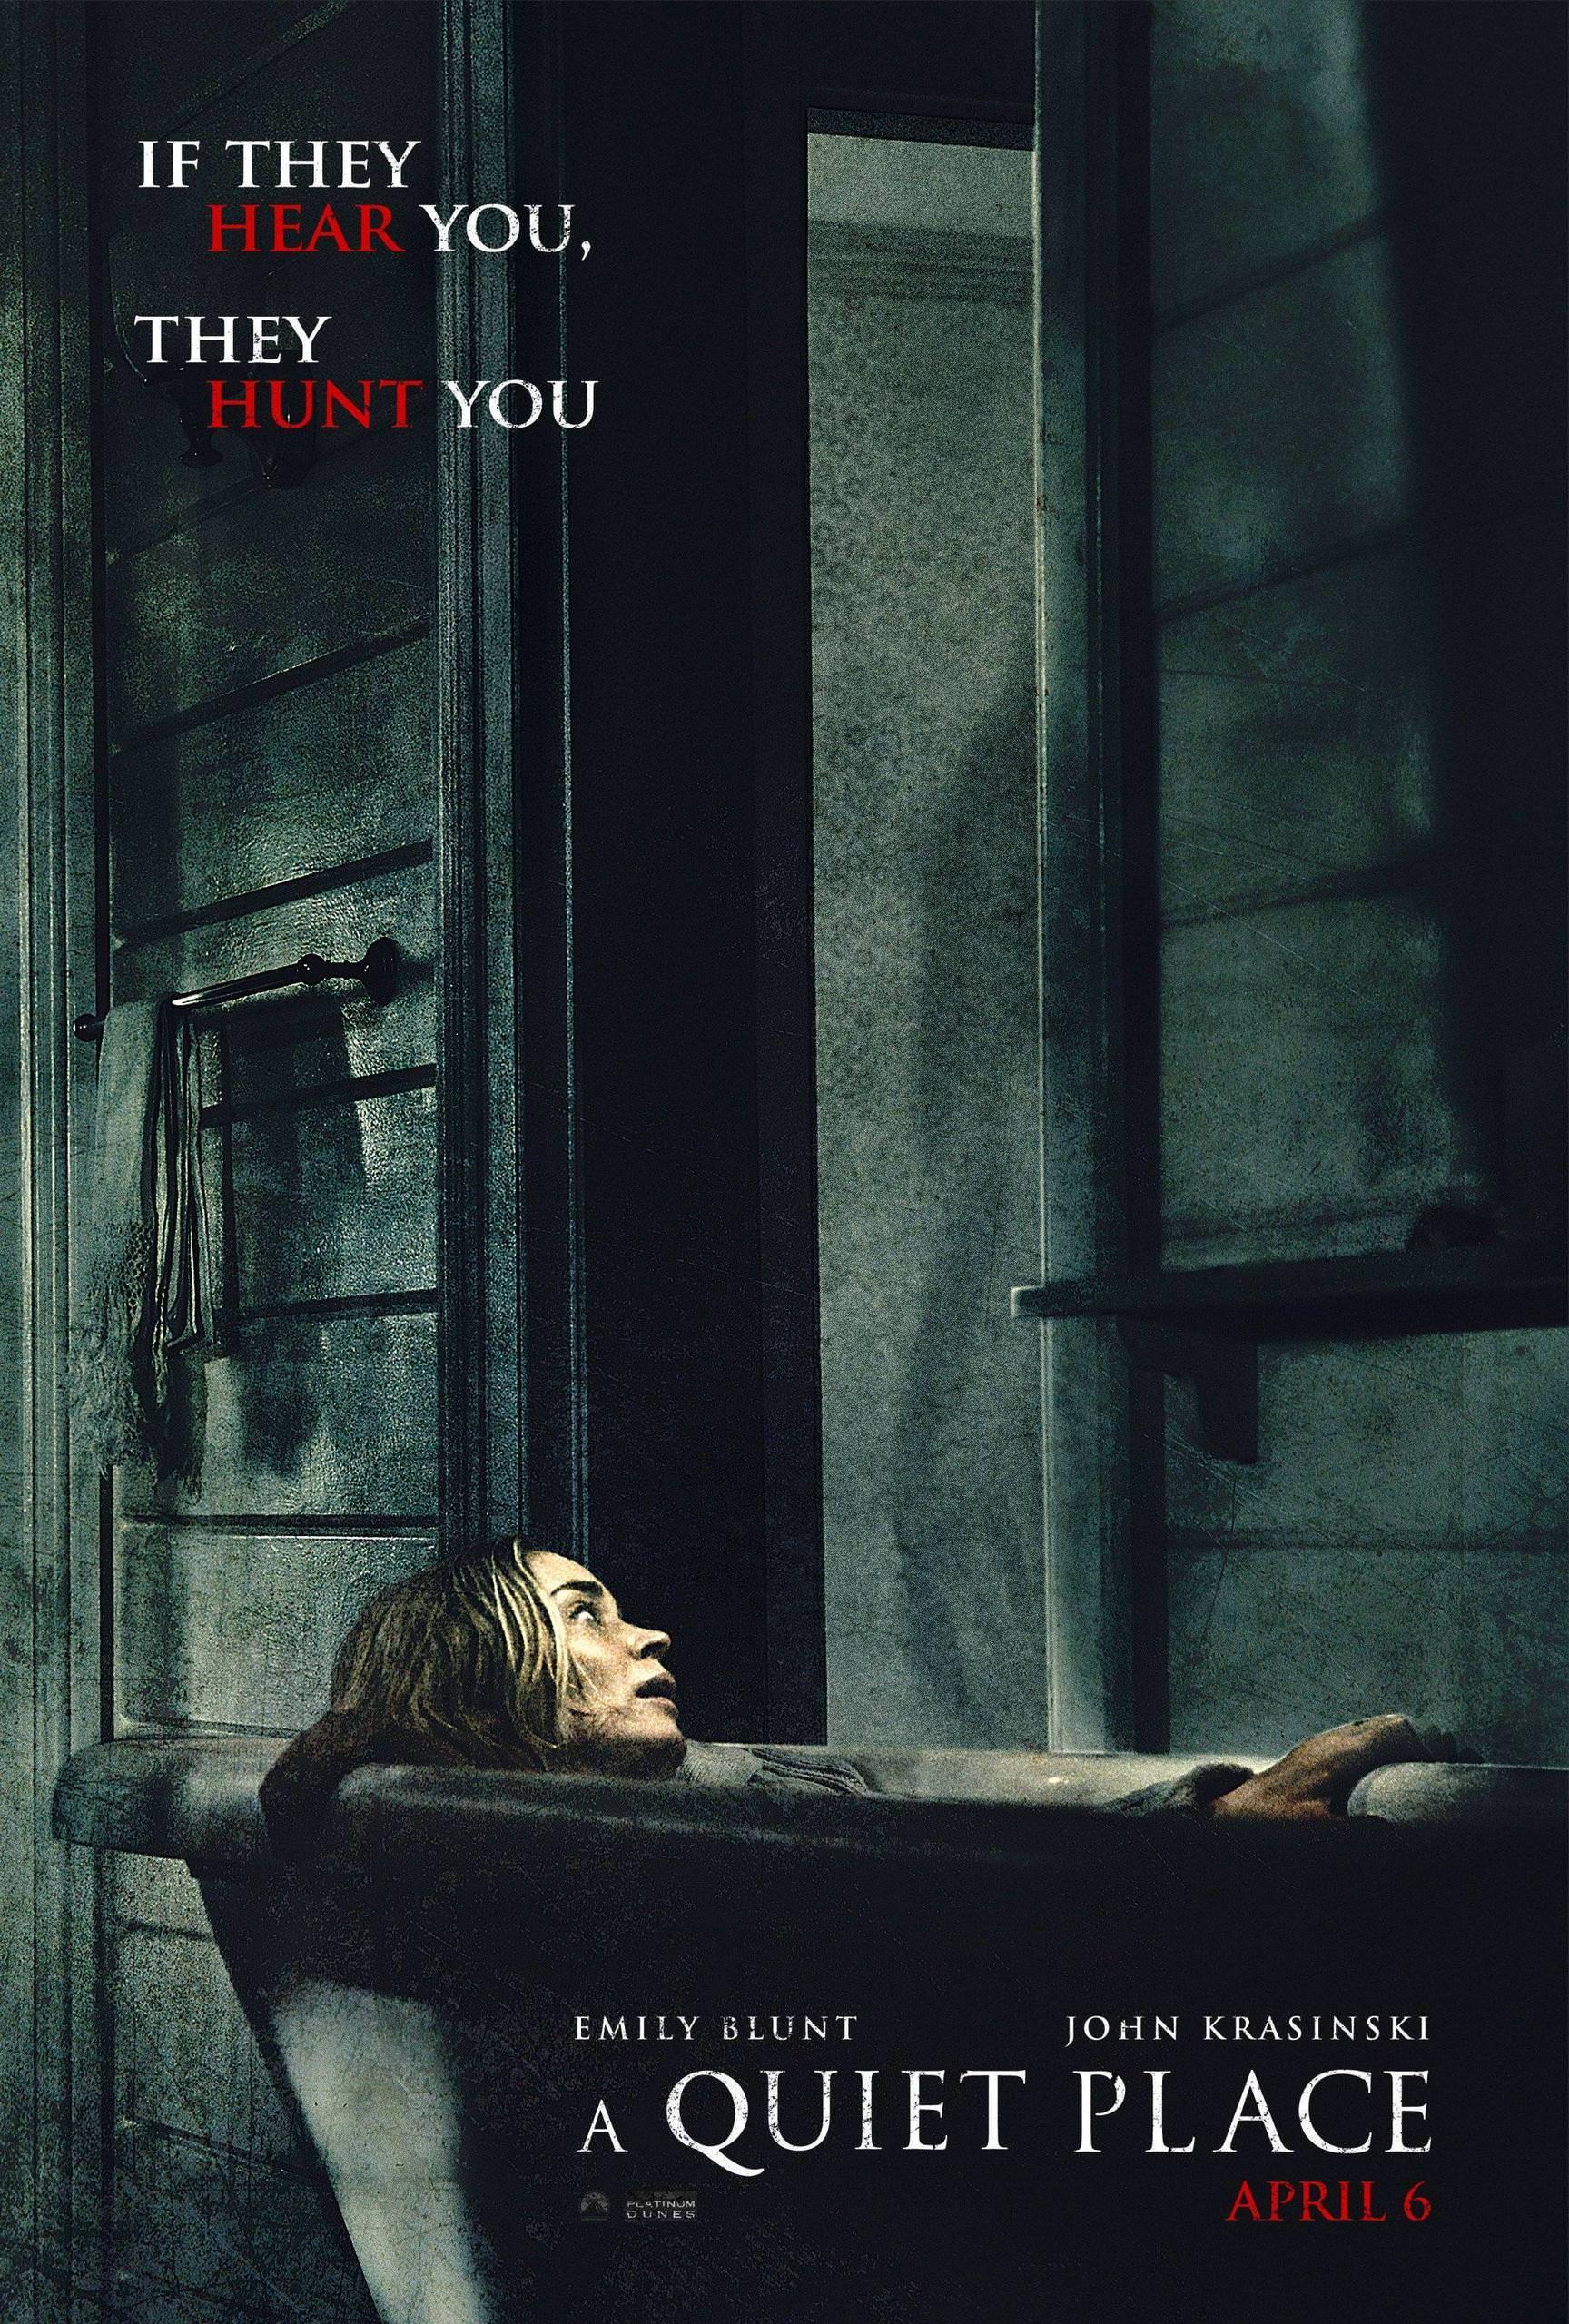 First Poster A Quiet Place Emily Blunt John Krasinski